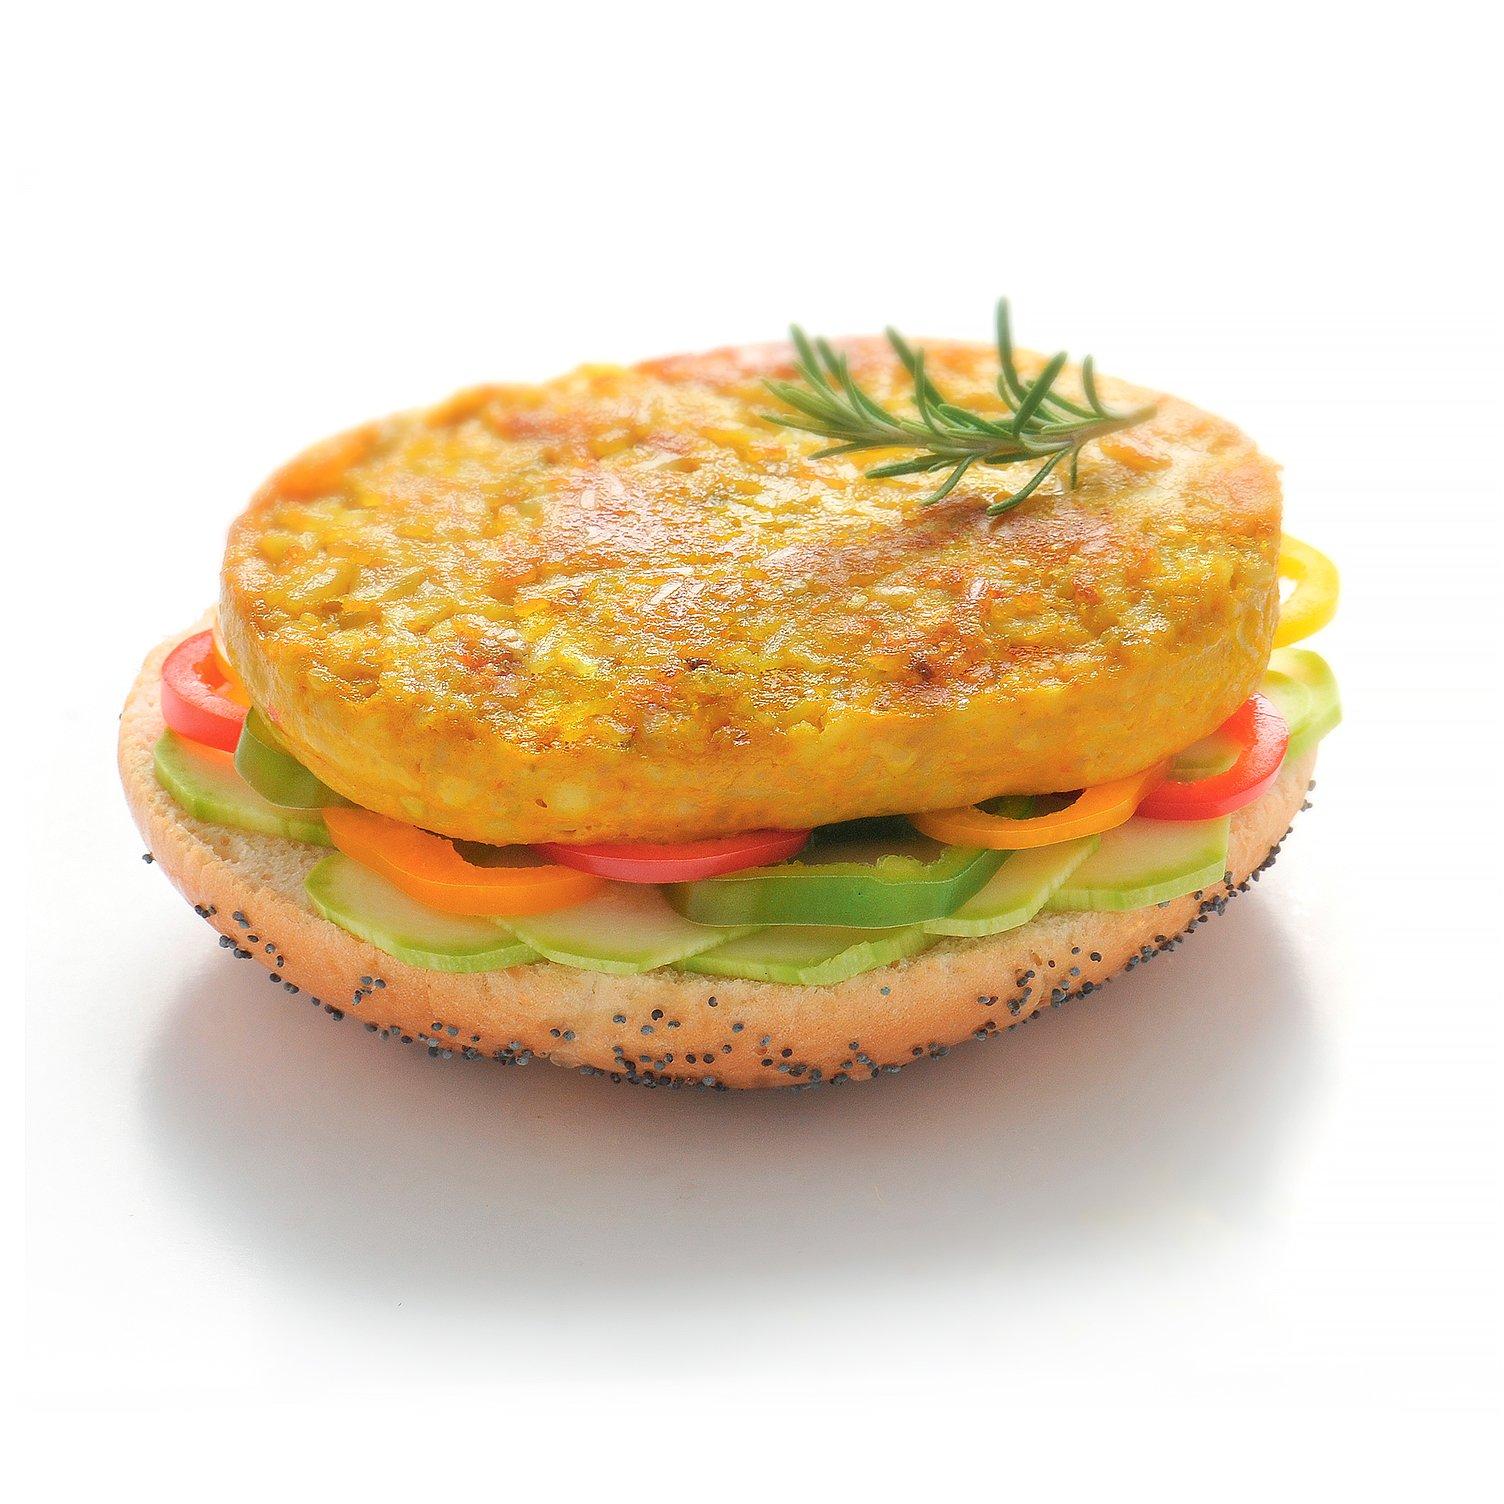 Burger avec galette végétale au riz façon paëlla